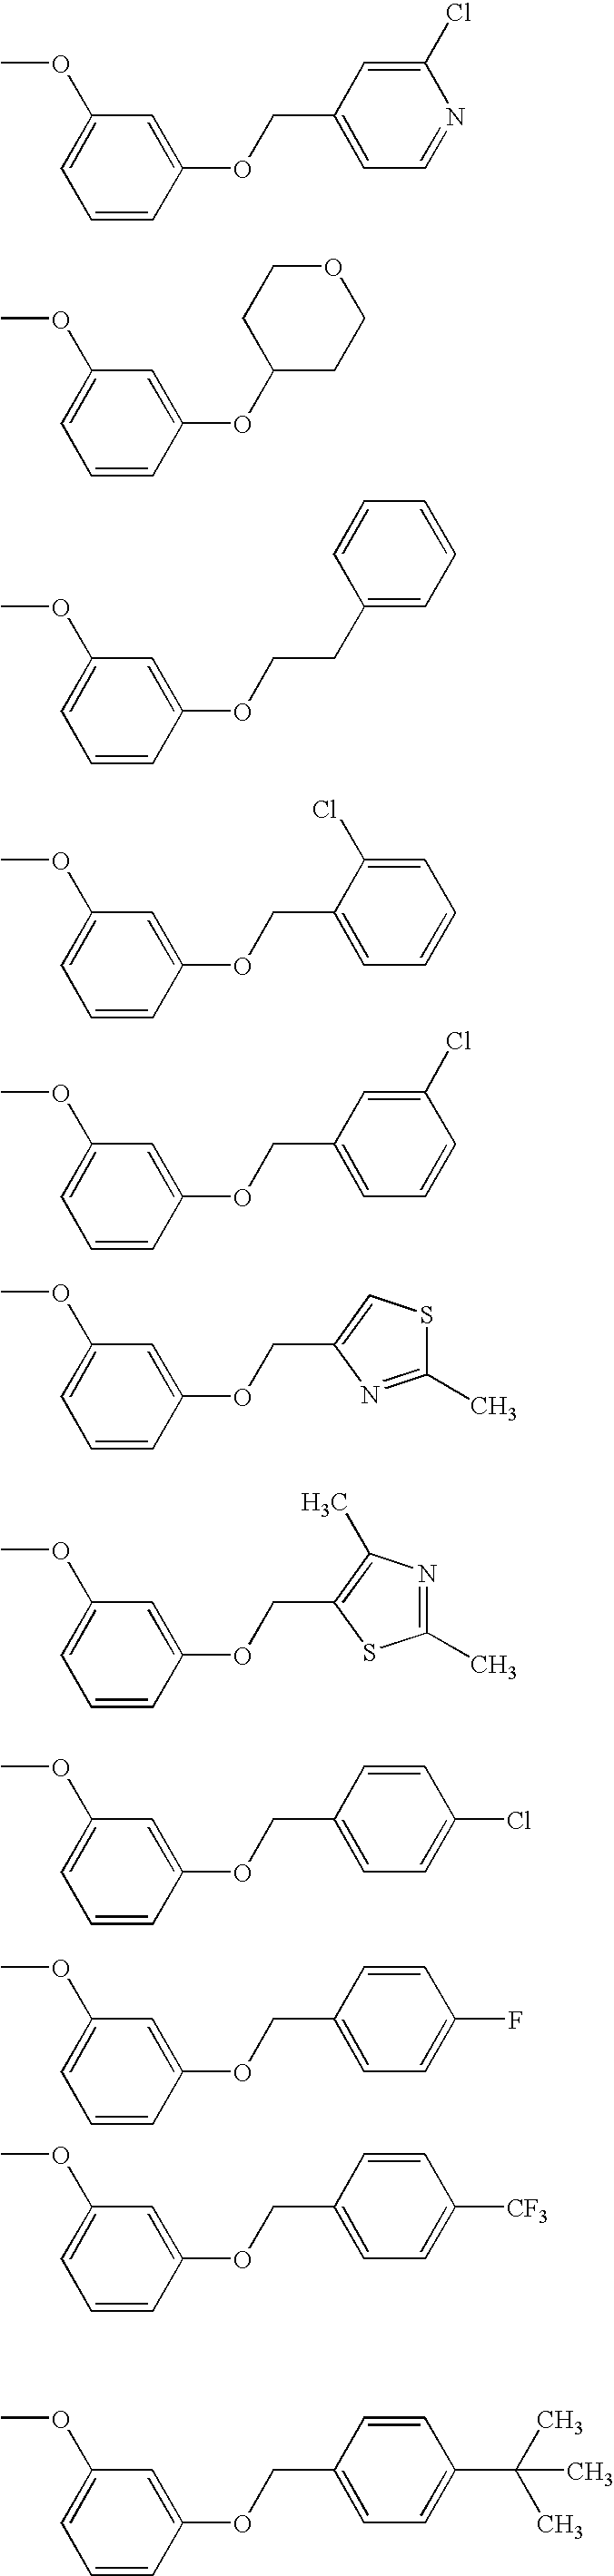 Figure US20070049593A1-20070301-C00213